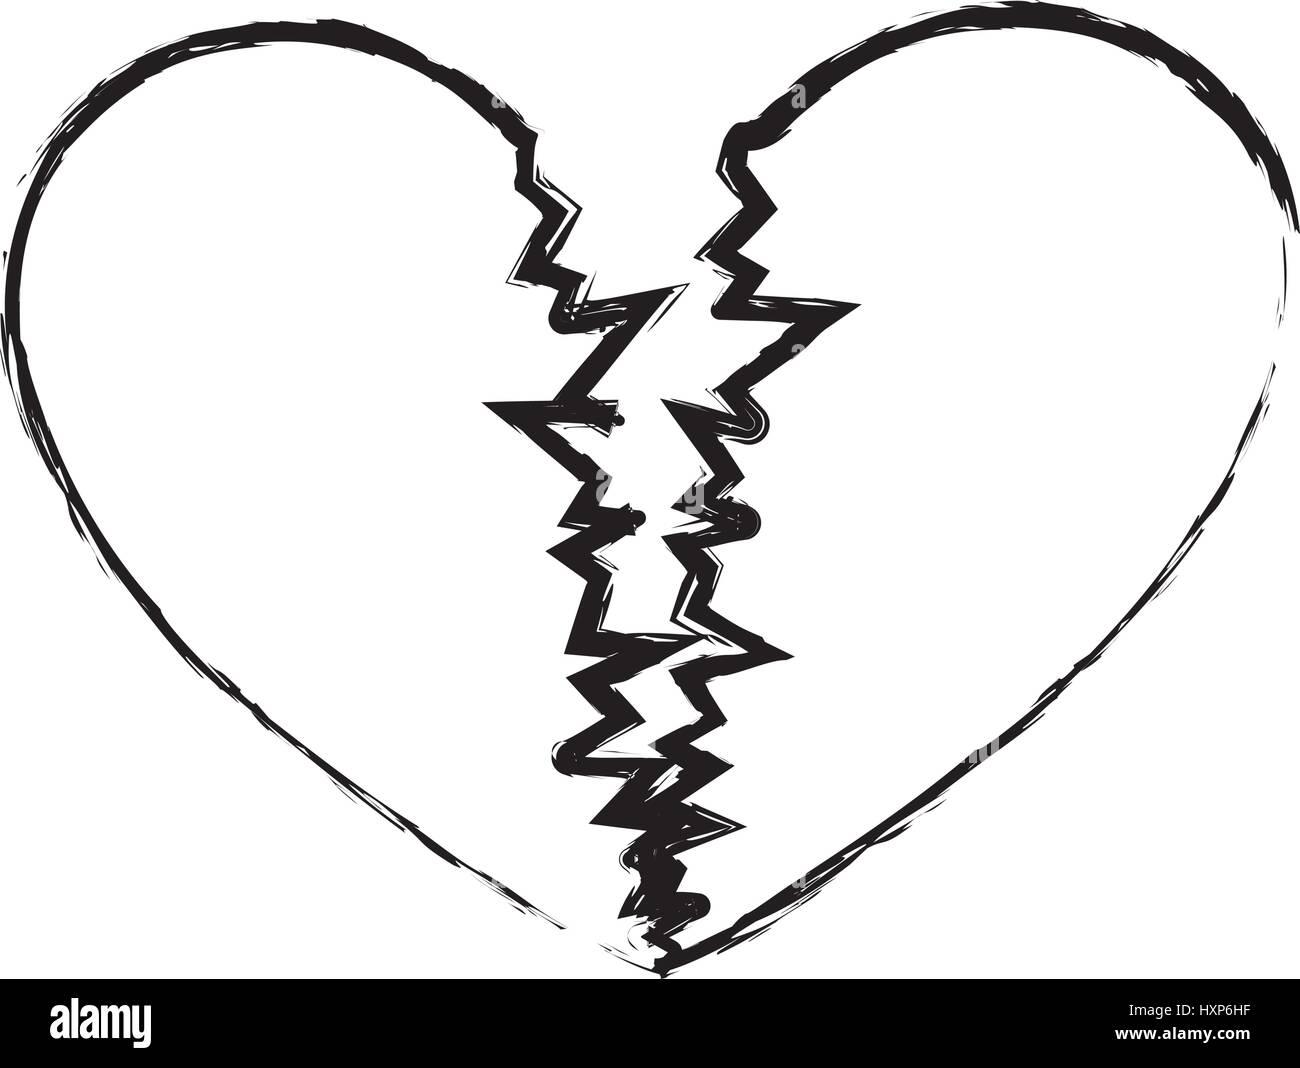 Dibujo Monocromo De Corazón Roto Ilustración Del Vector Imagen